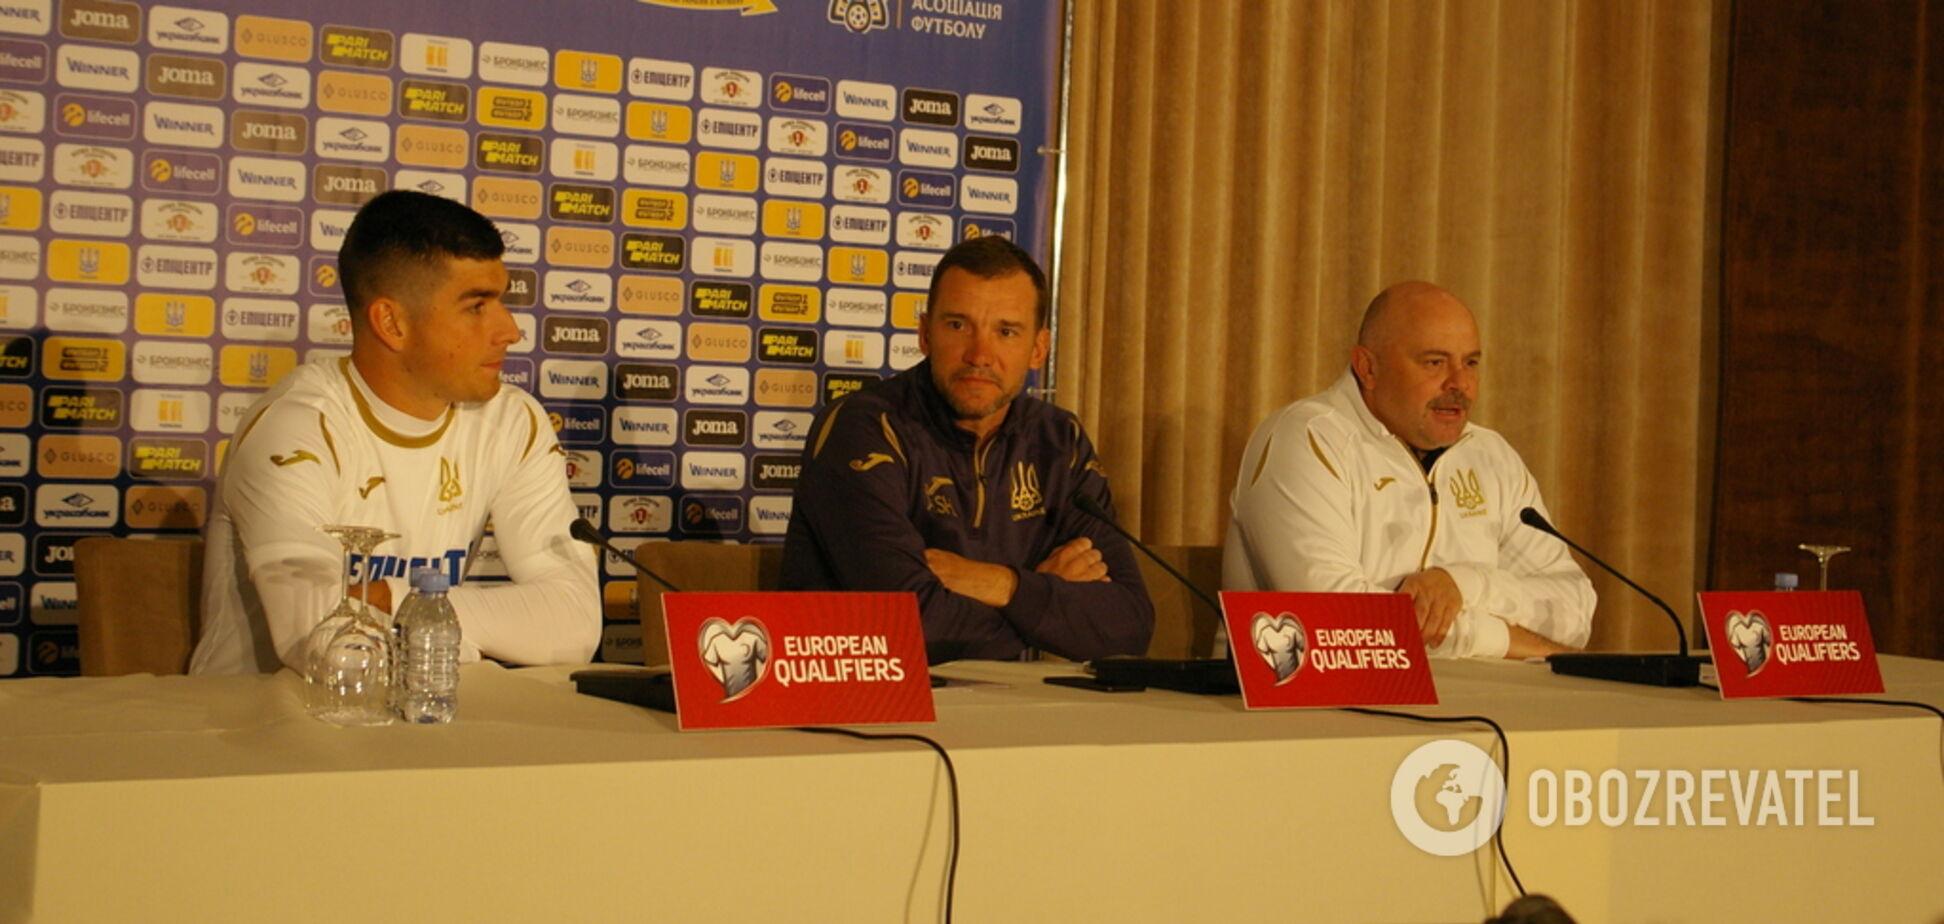 'Я не согласен': Шевченко категорично ответил СМИ перед матчем с Литвой